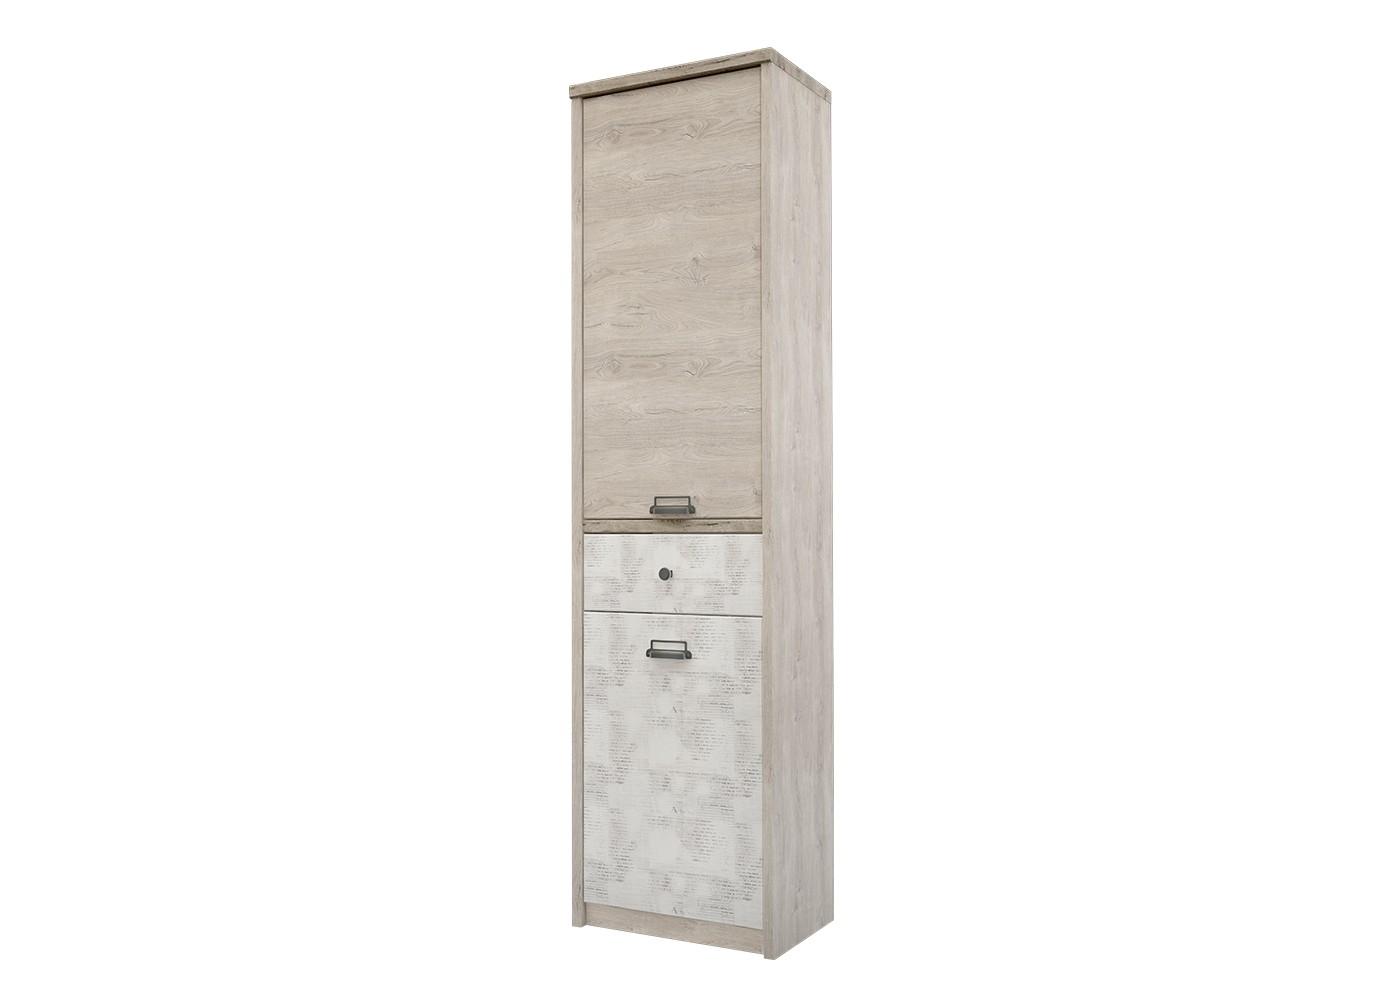 Шкаф DieselБельевые шкафы<br>Коллекция для молодежной комнаты DIESEL- это сочетание функциональности и уникальности дизайна. Характерные ручки в стиле &amp;quot;лофт&amp;quot;, вставки из рифленого стекла, используемого на фасадах витрин, оригинальное сочетание цветов фасадов - всё это дает возможность создать стильный и индивидуальный интерьер.&amp;amp;nbsp;<br><br>Material: ДСП<br>Width см: 55.8<br>Depth см: 36.2<br>Height см: 210.4